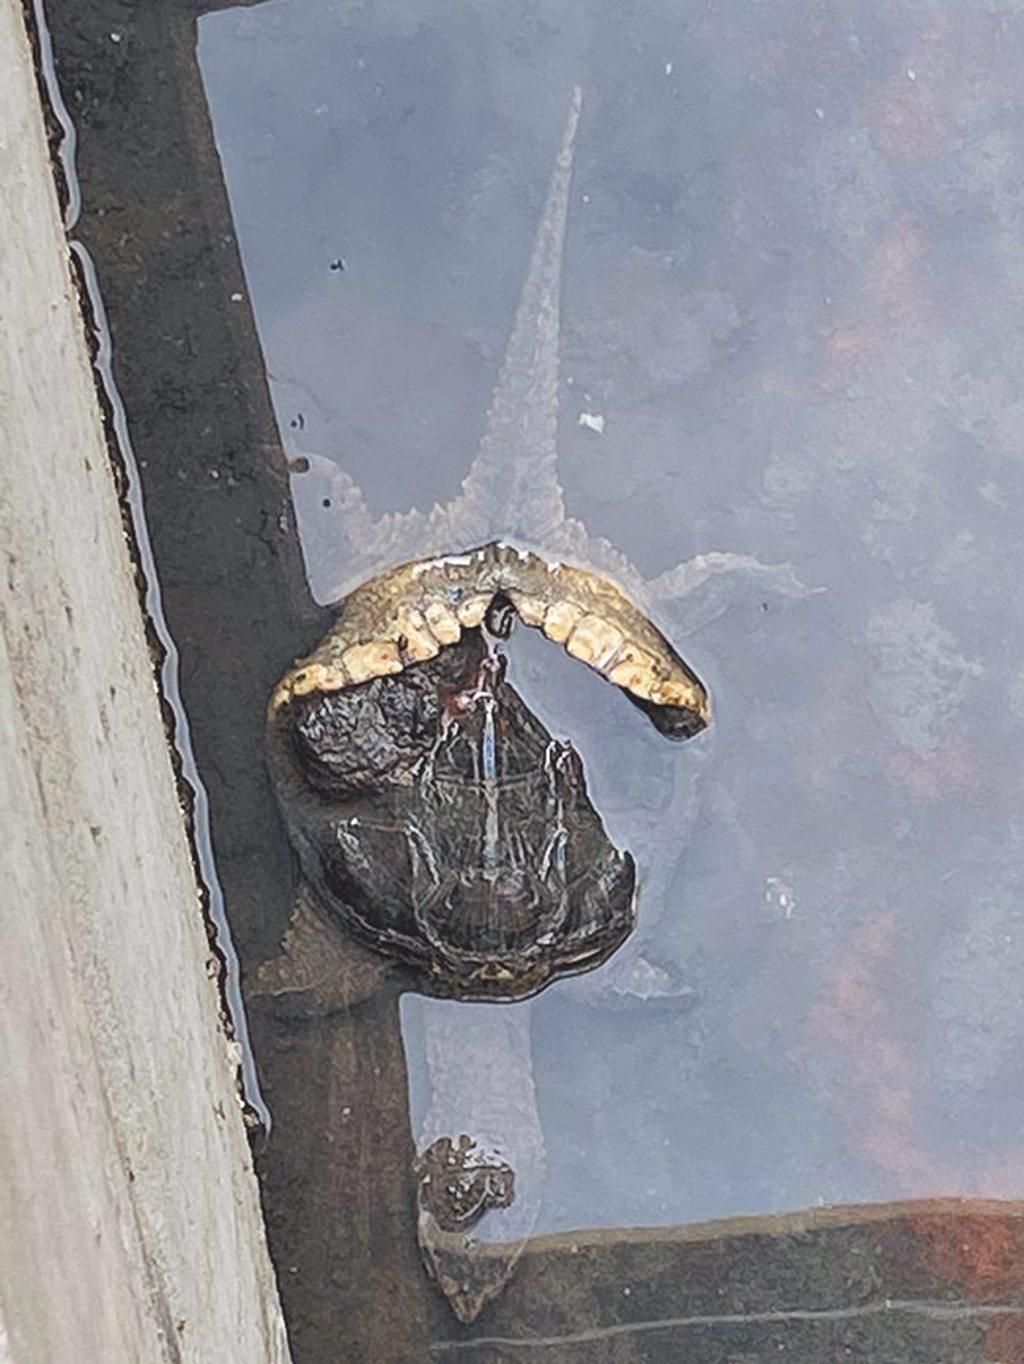 宮前町砌石大溝不時會出現鱔魚、土虱和烏龜悠游,吸引不少人前來觀看這難得的城市景色。(侯力今提供/張立勳台北傳真)